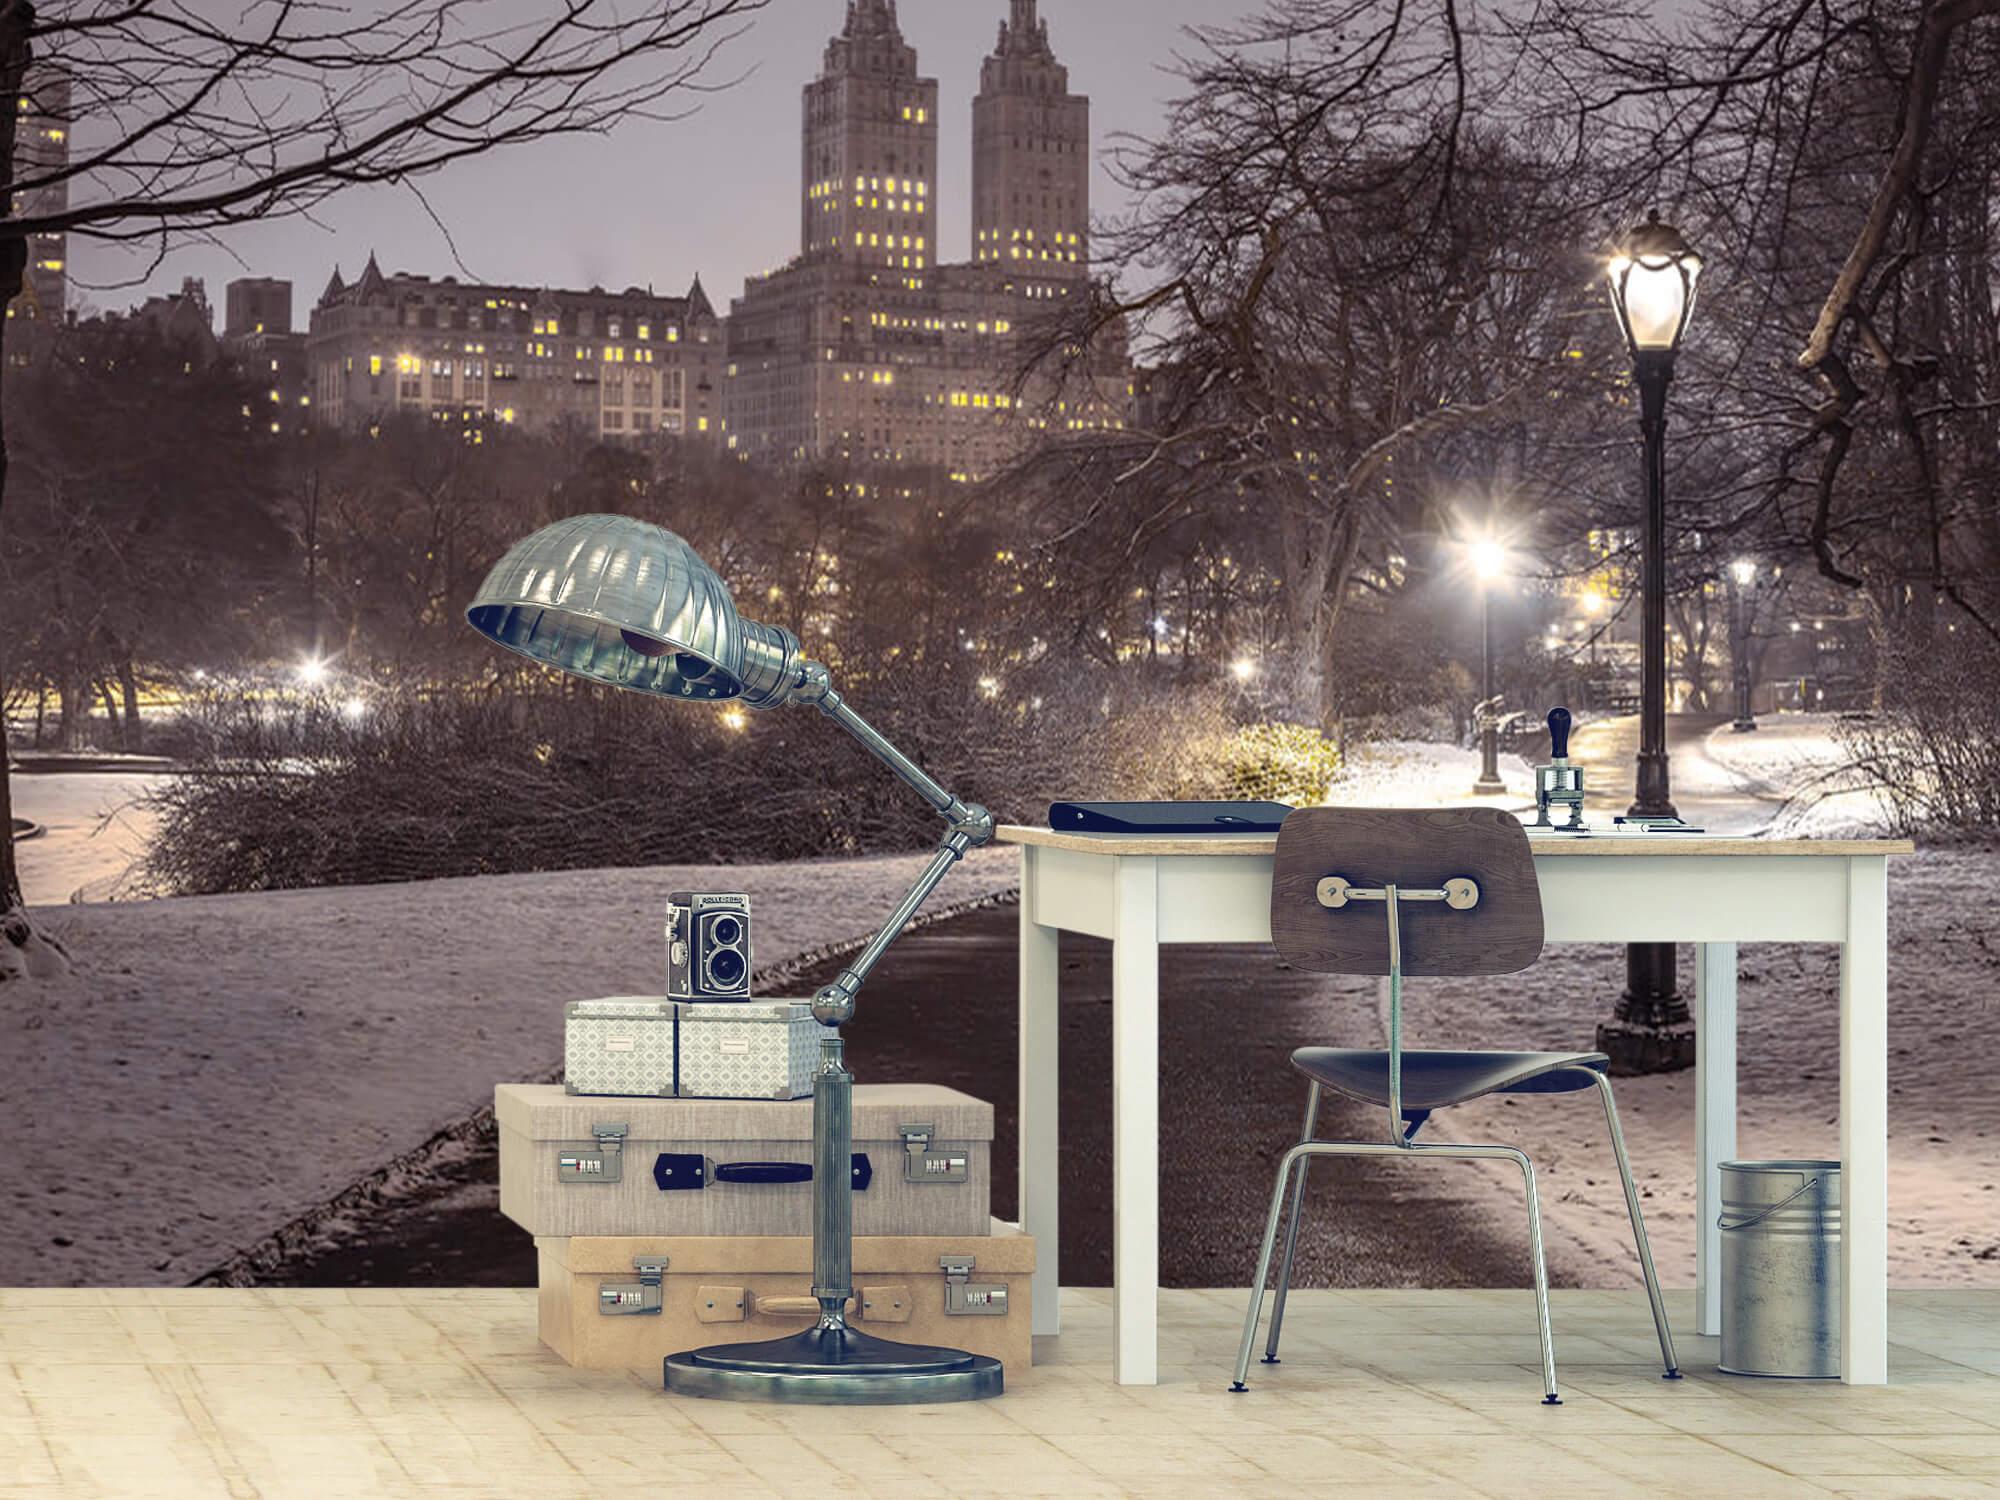 Snowy Central Park 2